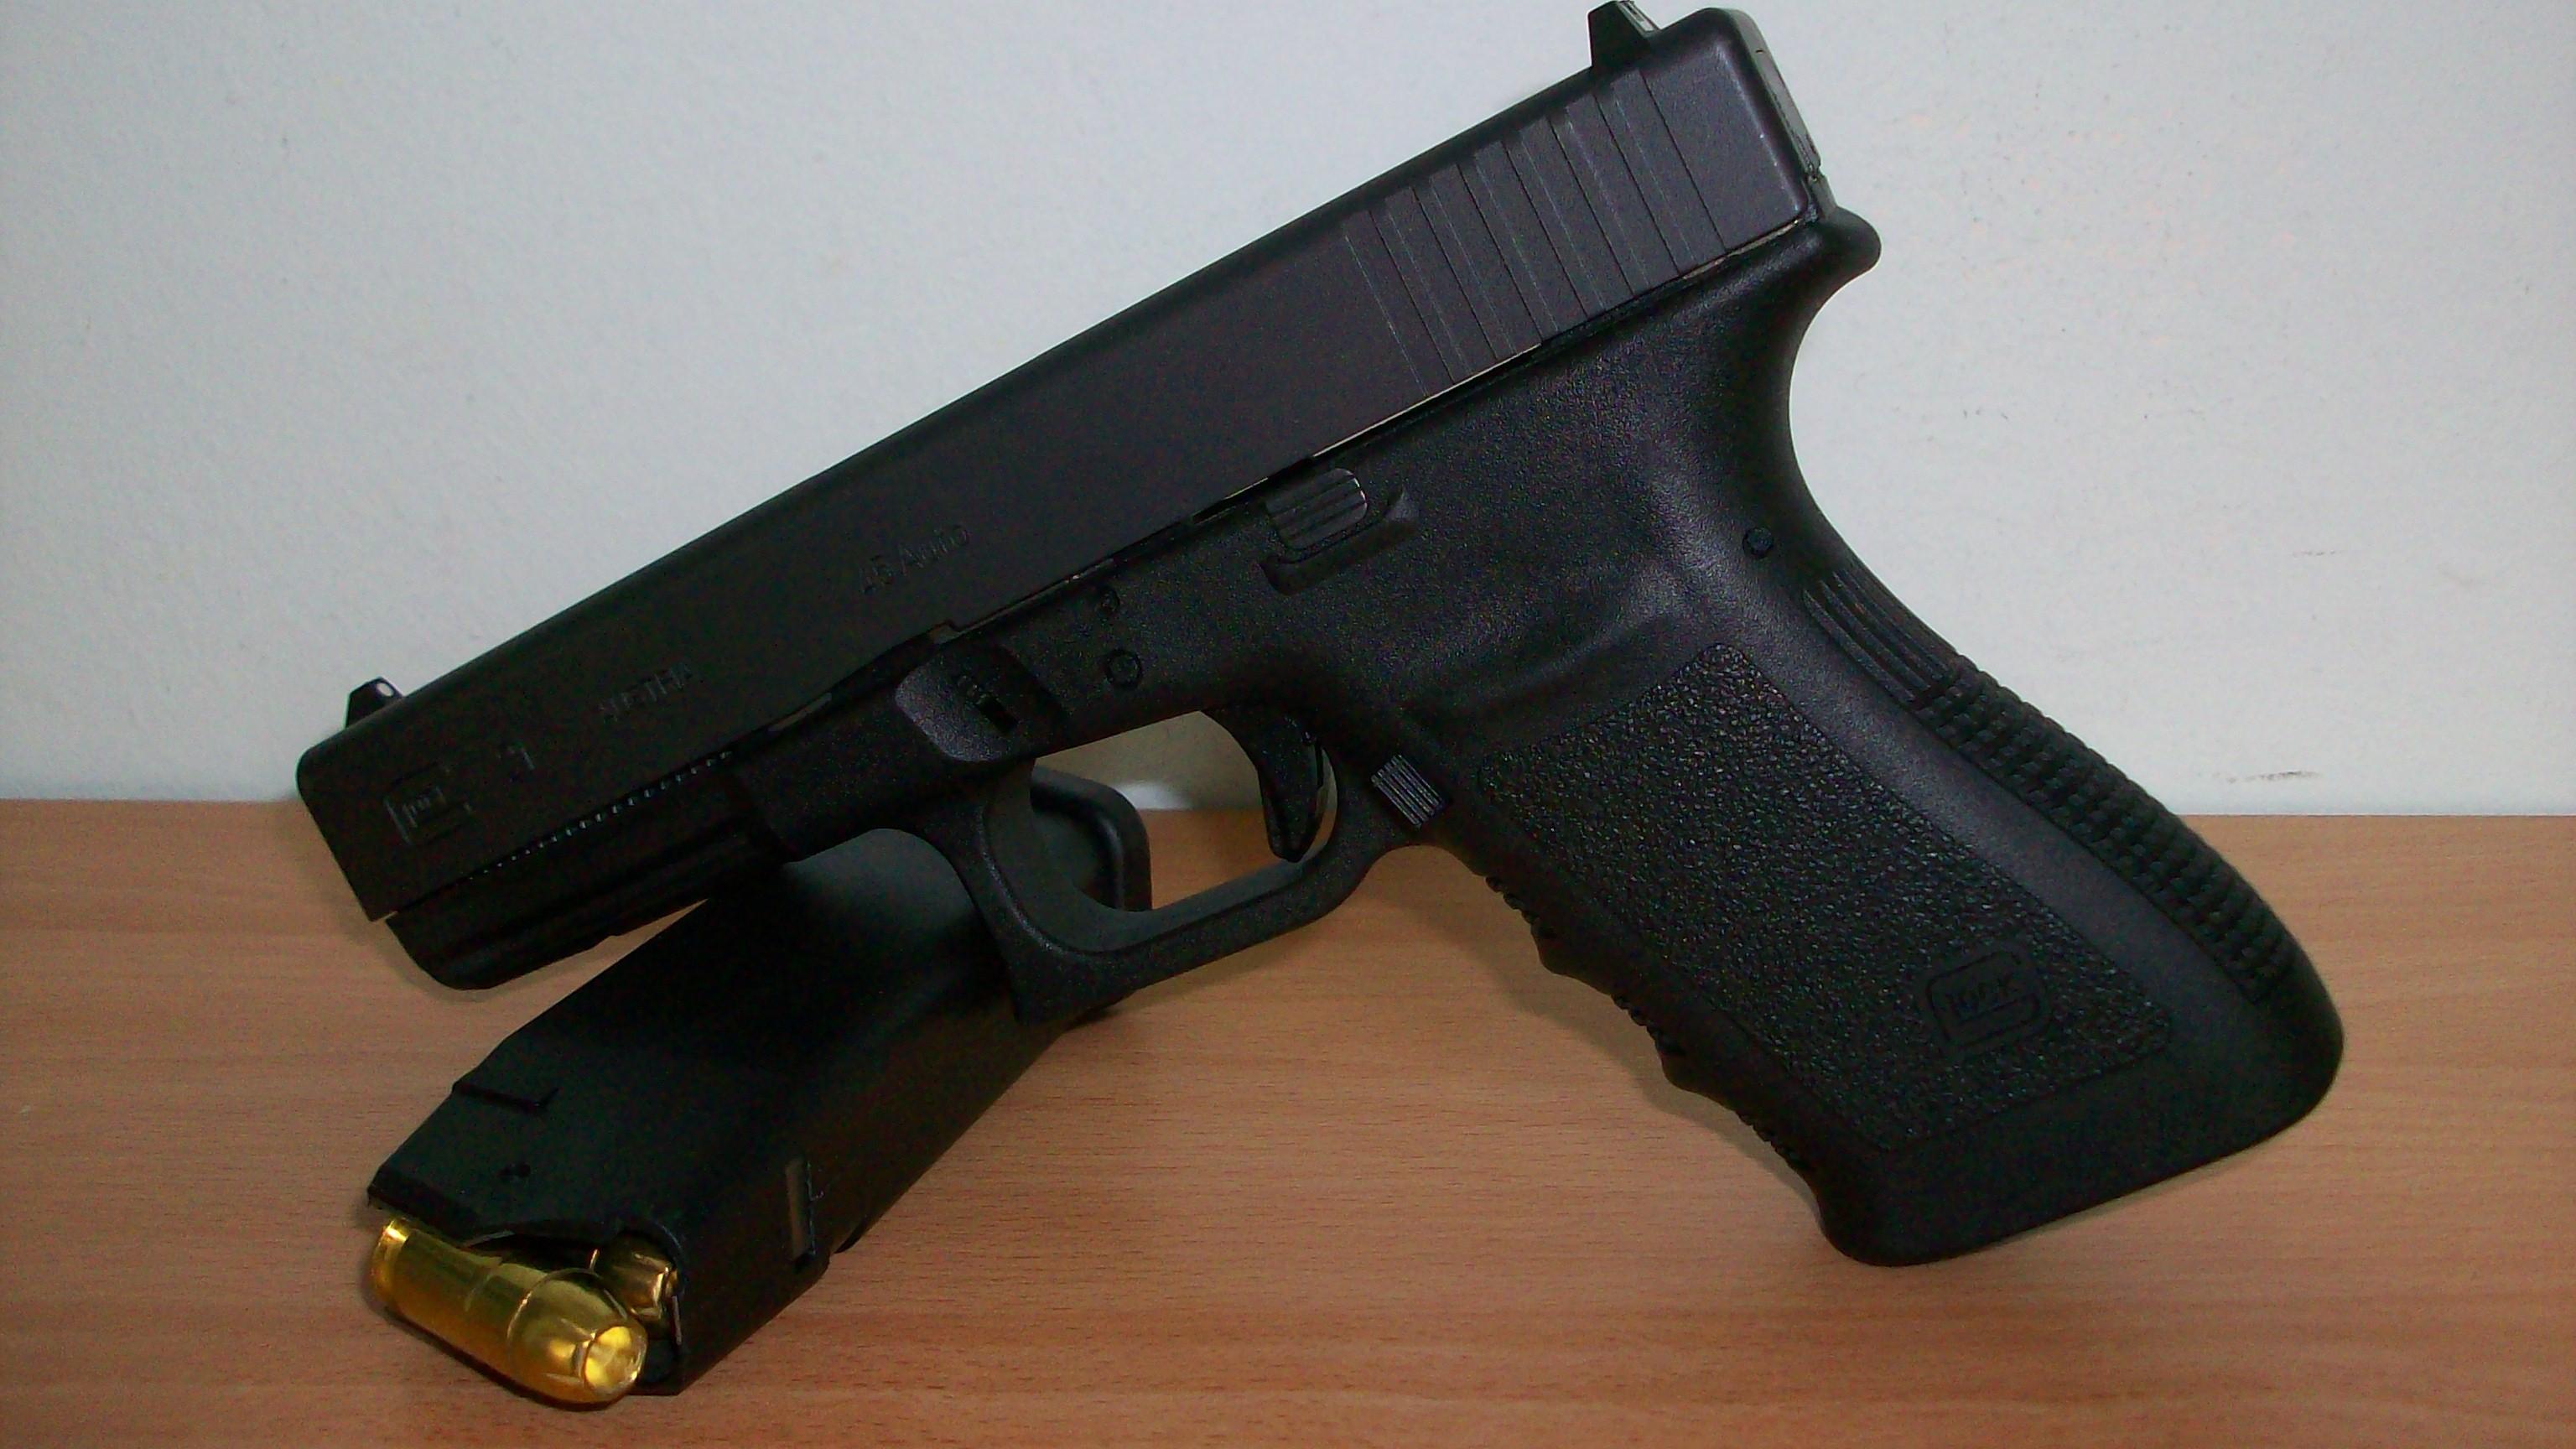 Glock 17 Gen 4 Wallpapers